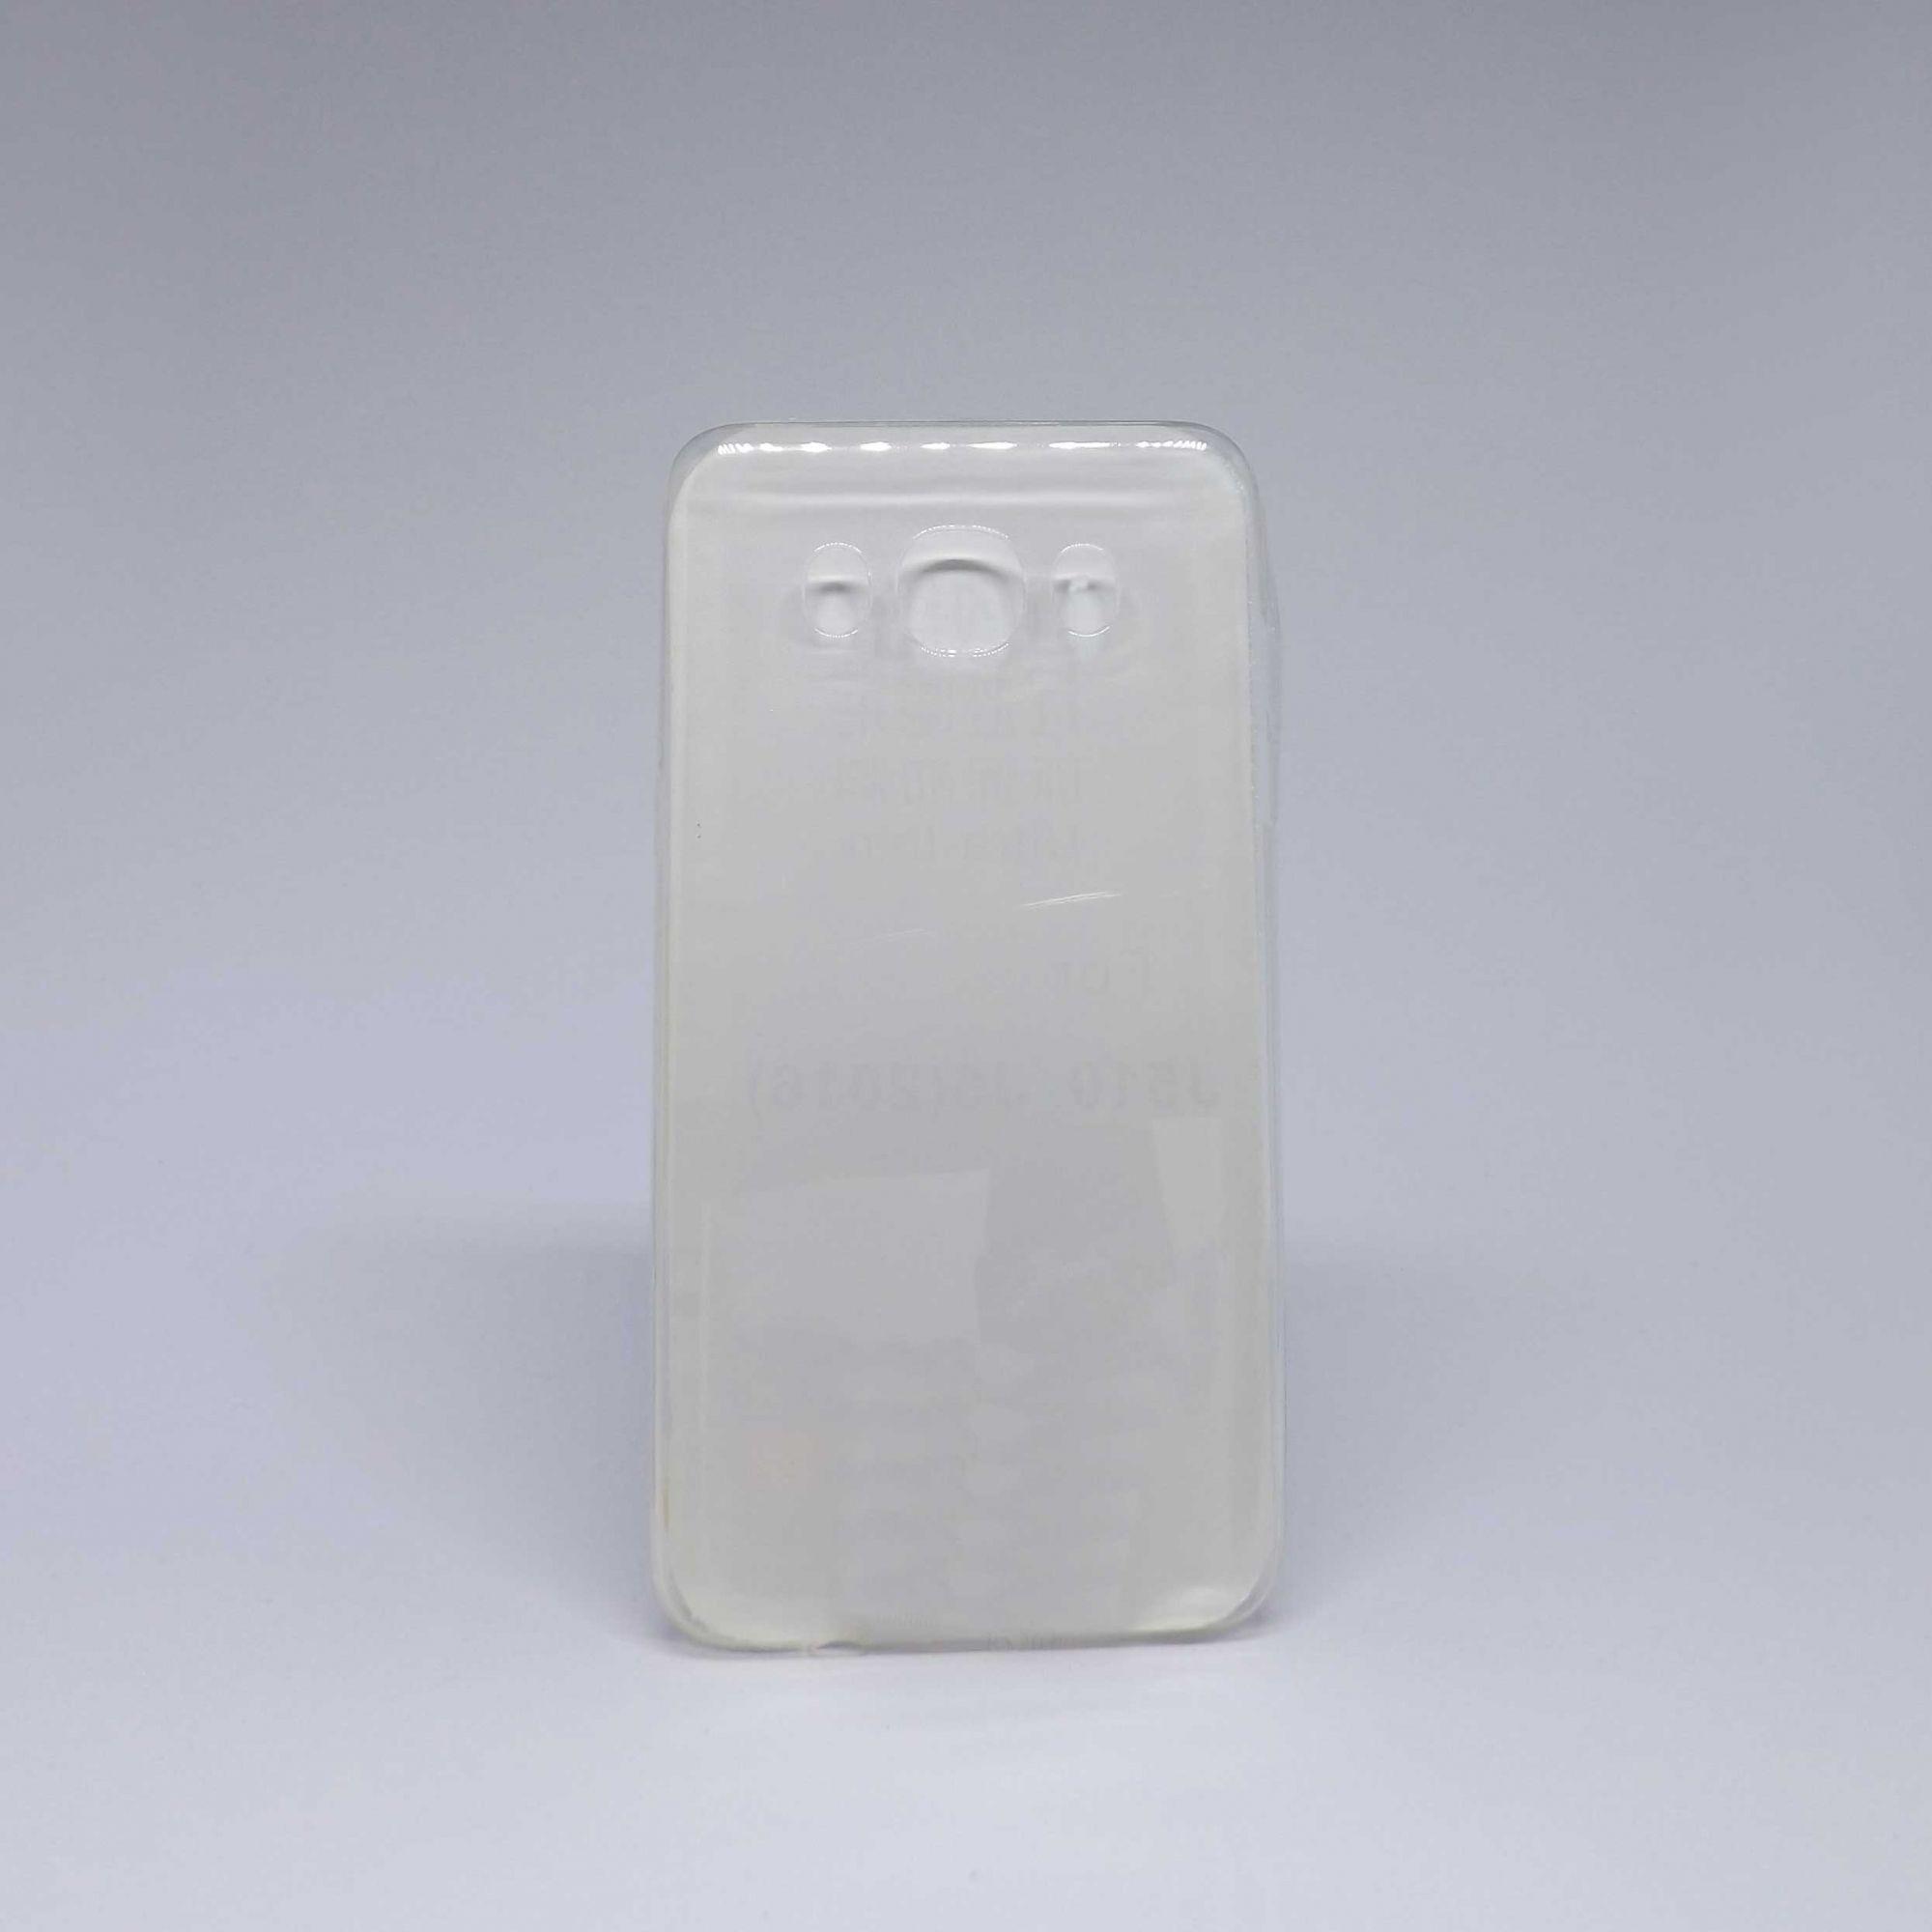 Capa Samsung Galaxy J5 Antiqueda Transparente